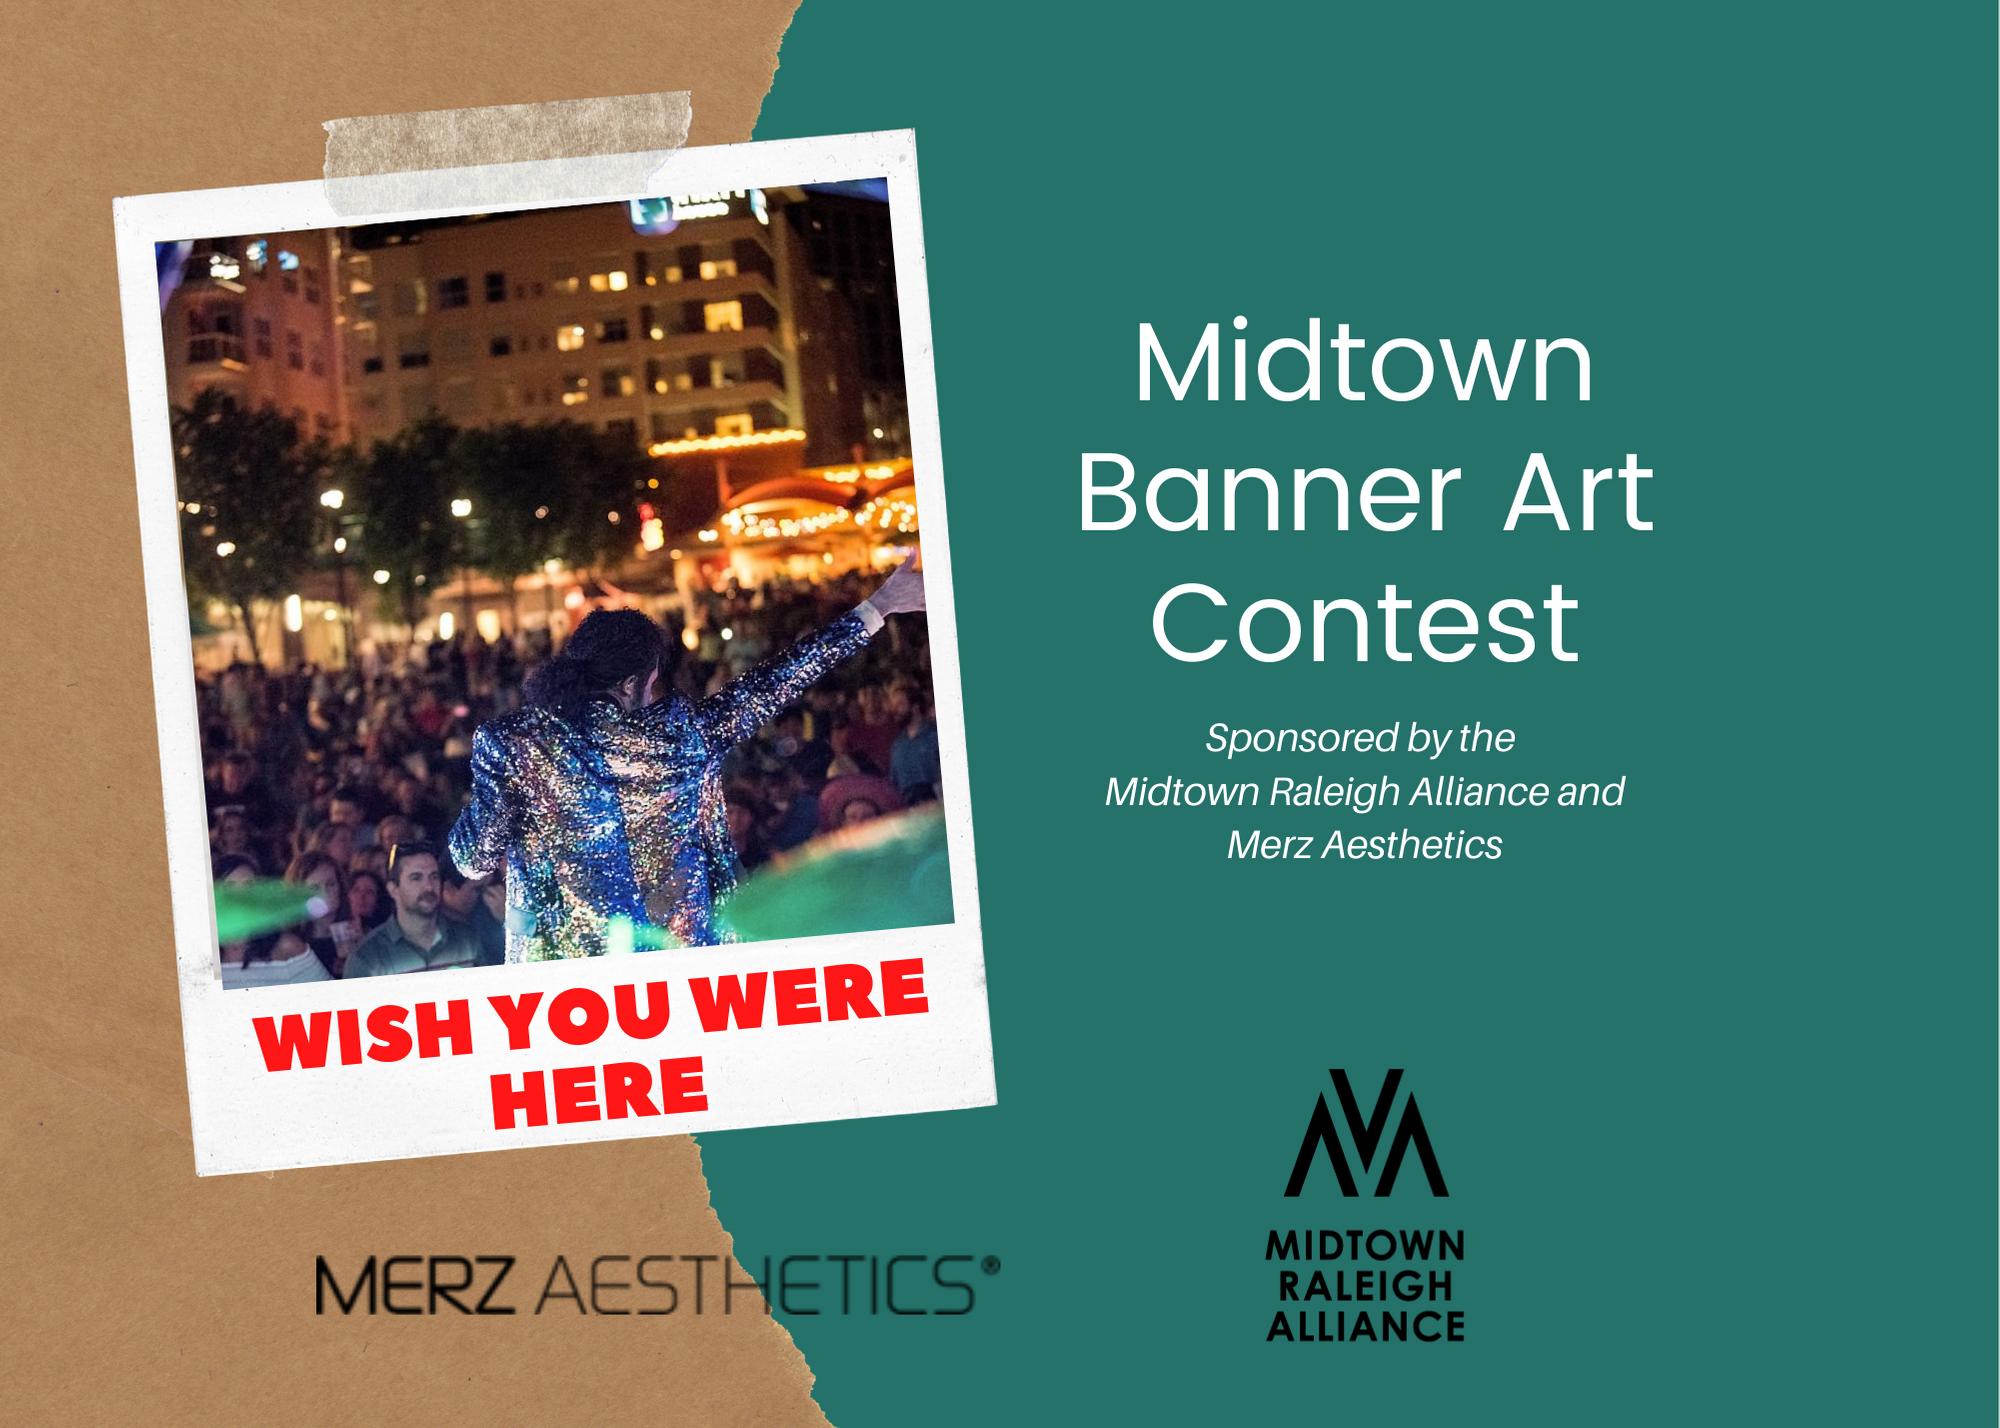 Midtown Banner Art Contest